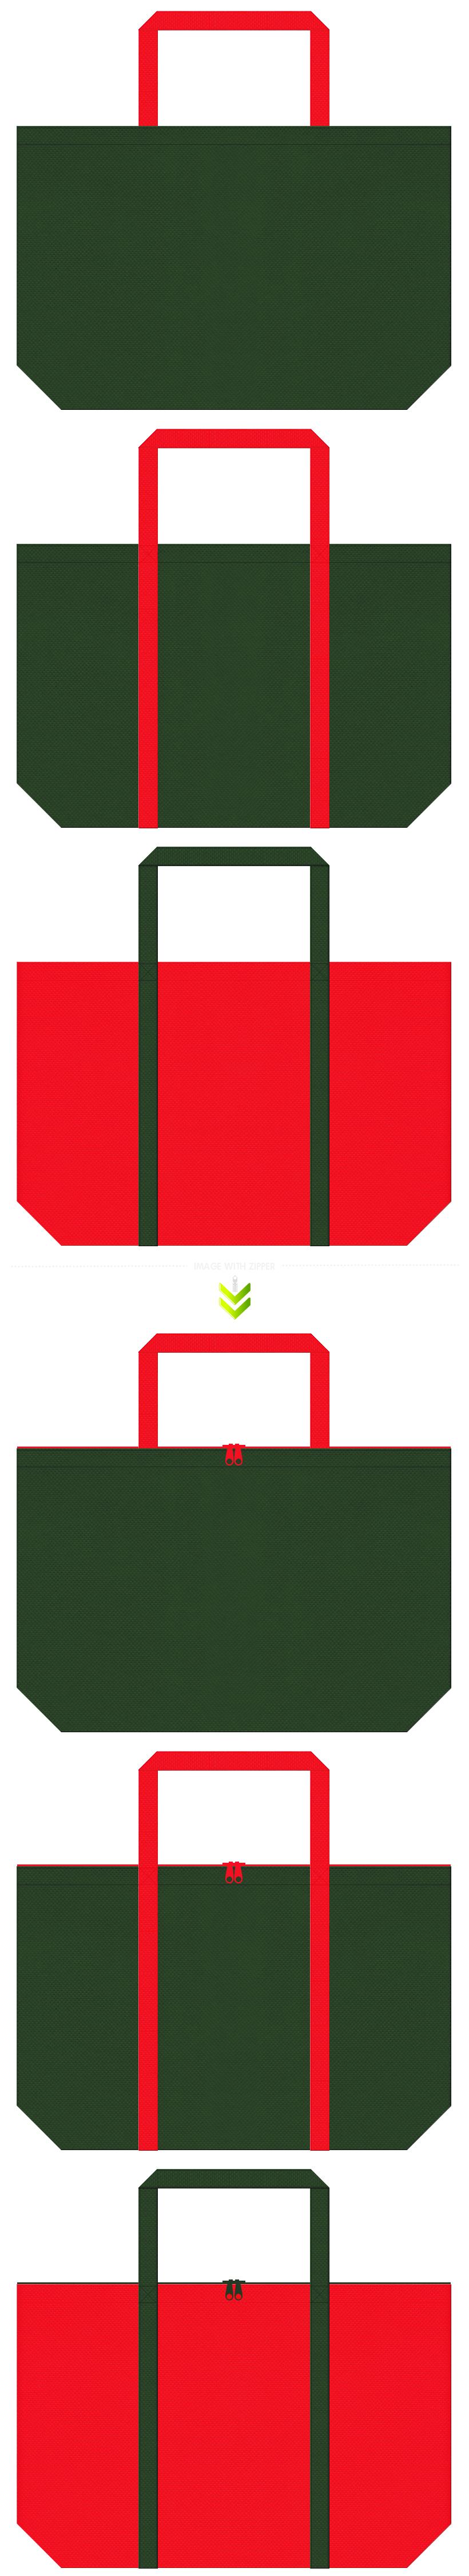 五月人形・端午の節句・鎧・兜・お城イベント・和柄のエコバッグ・バーナー・コンロ・登山・キャンプ・アウトドア・クリスマスセールのショッピングバッグにお奨めの不織布バッグデザイン:濃緑色・深緑色と赤色のコーデ